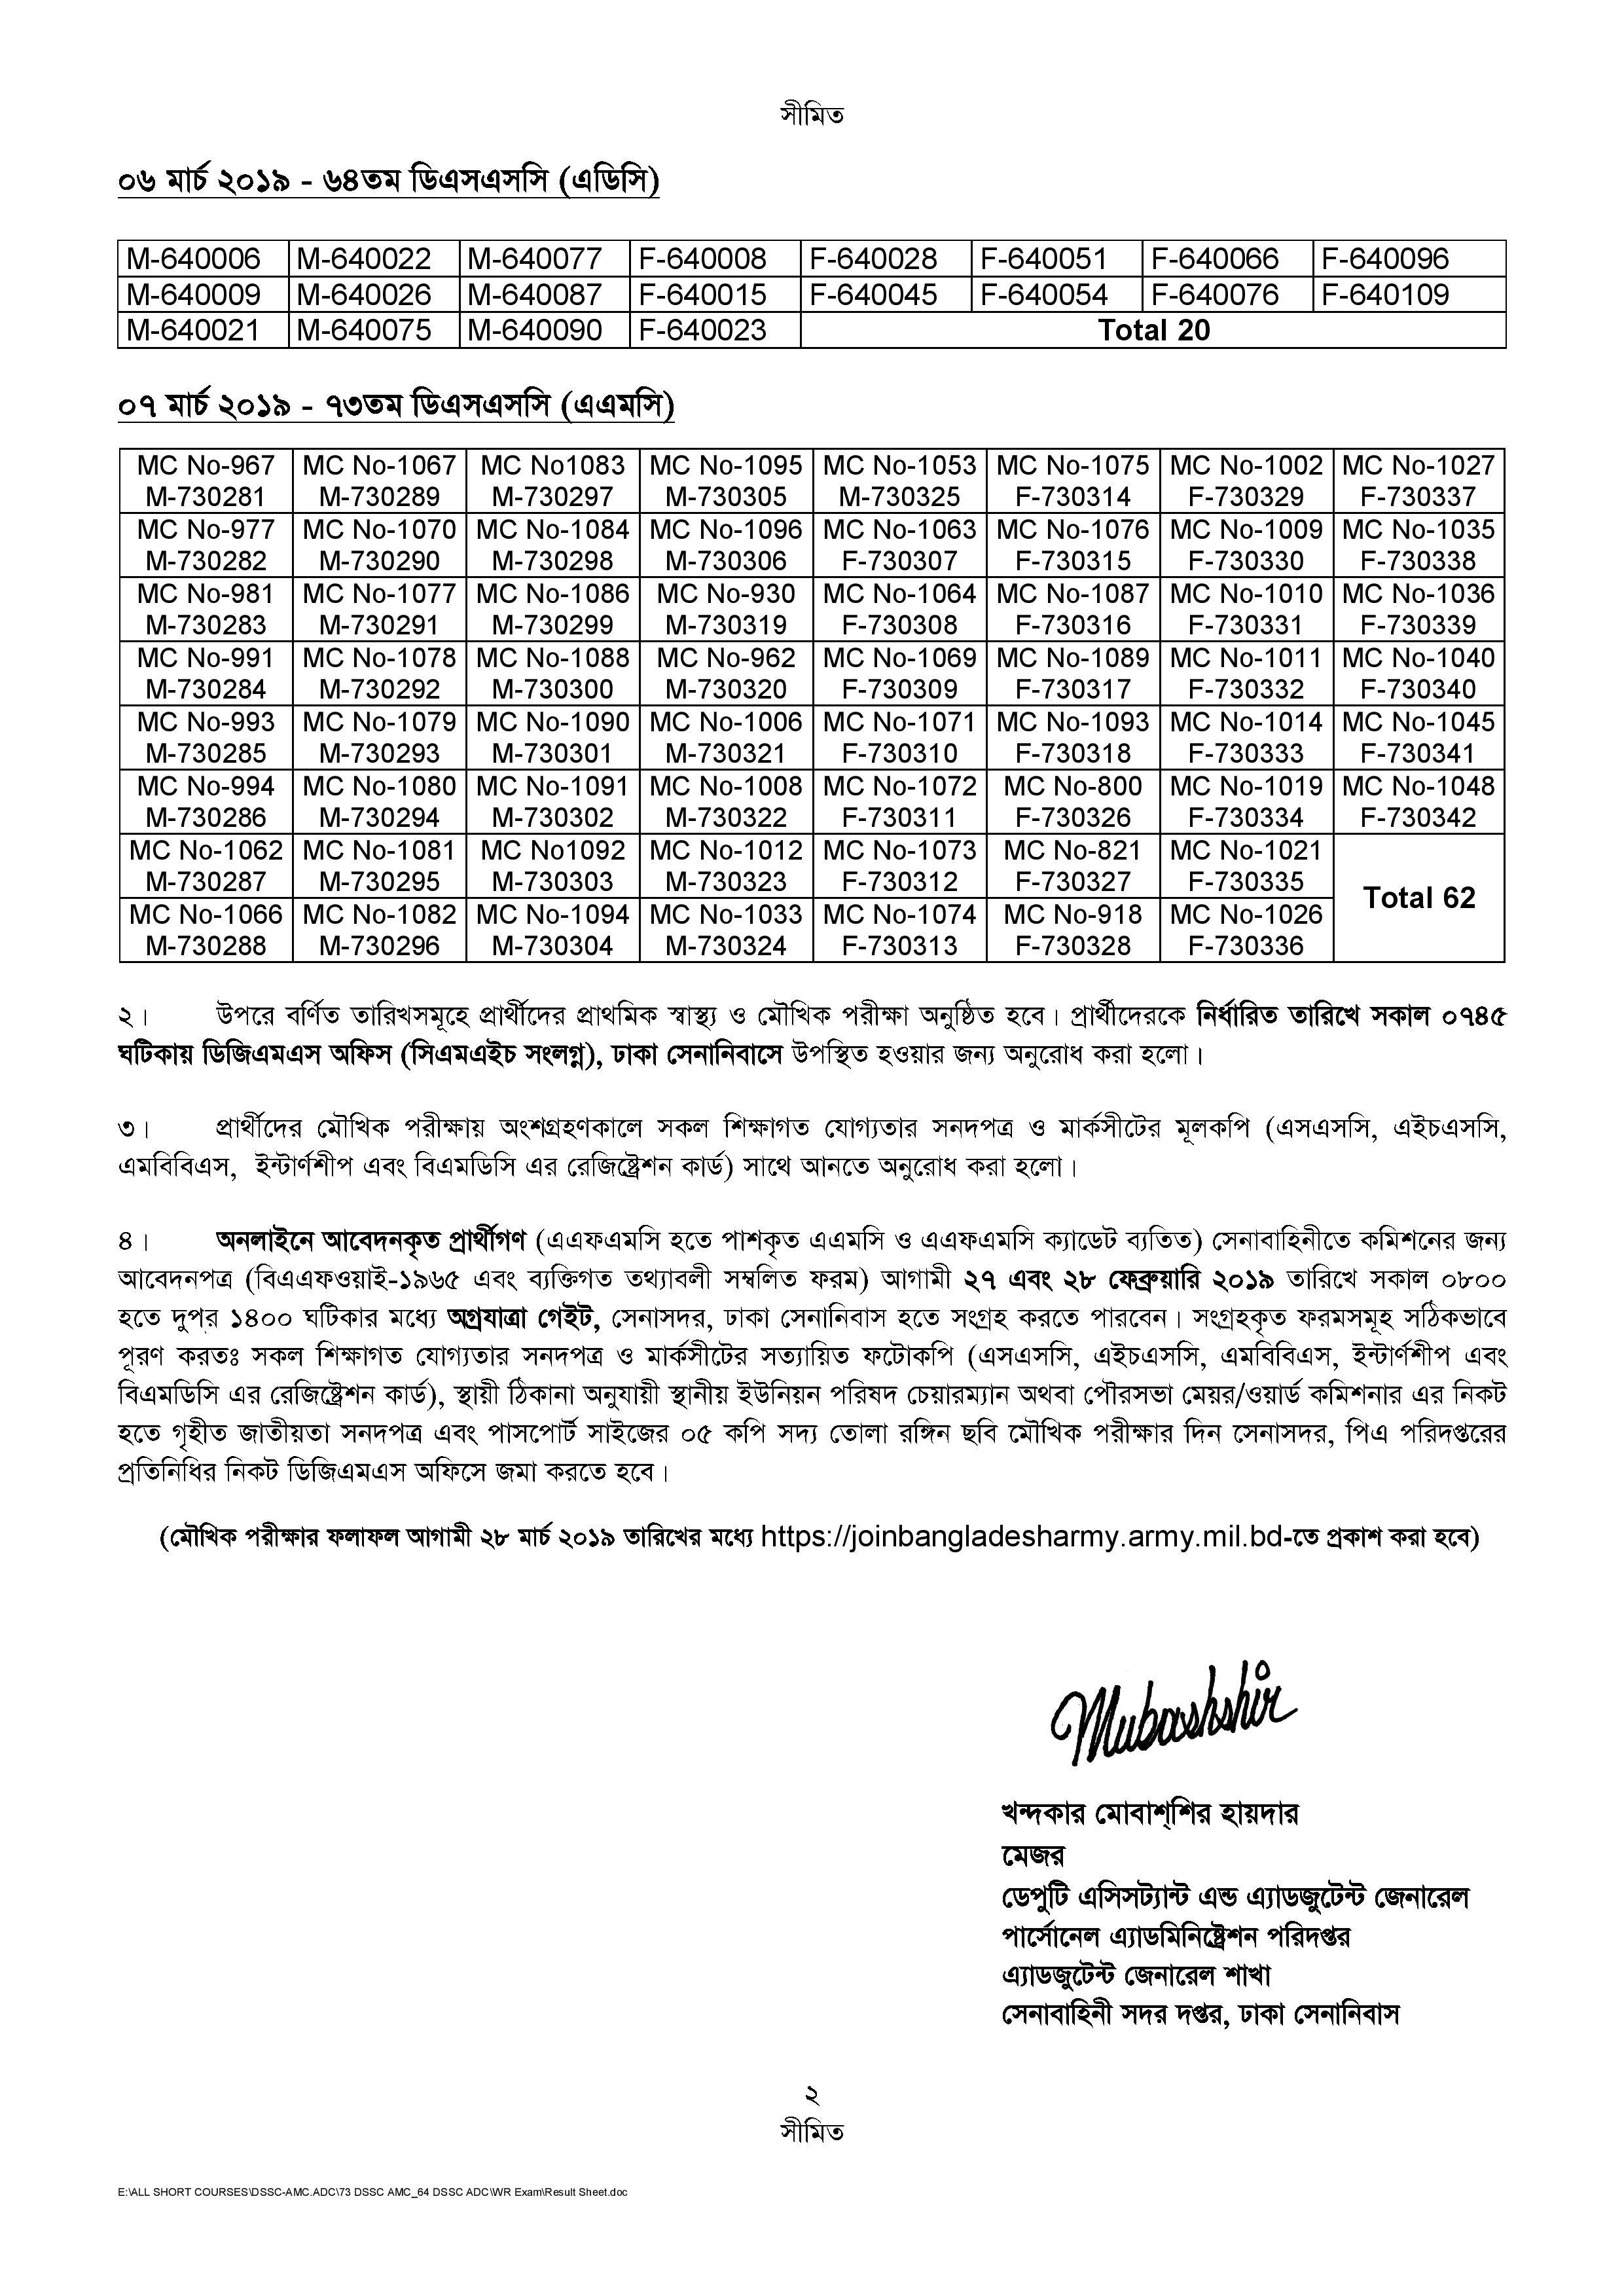 Bangladesh Army Exam Result 2019